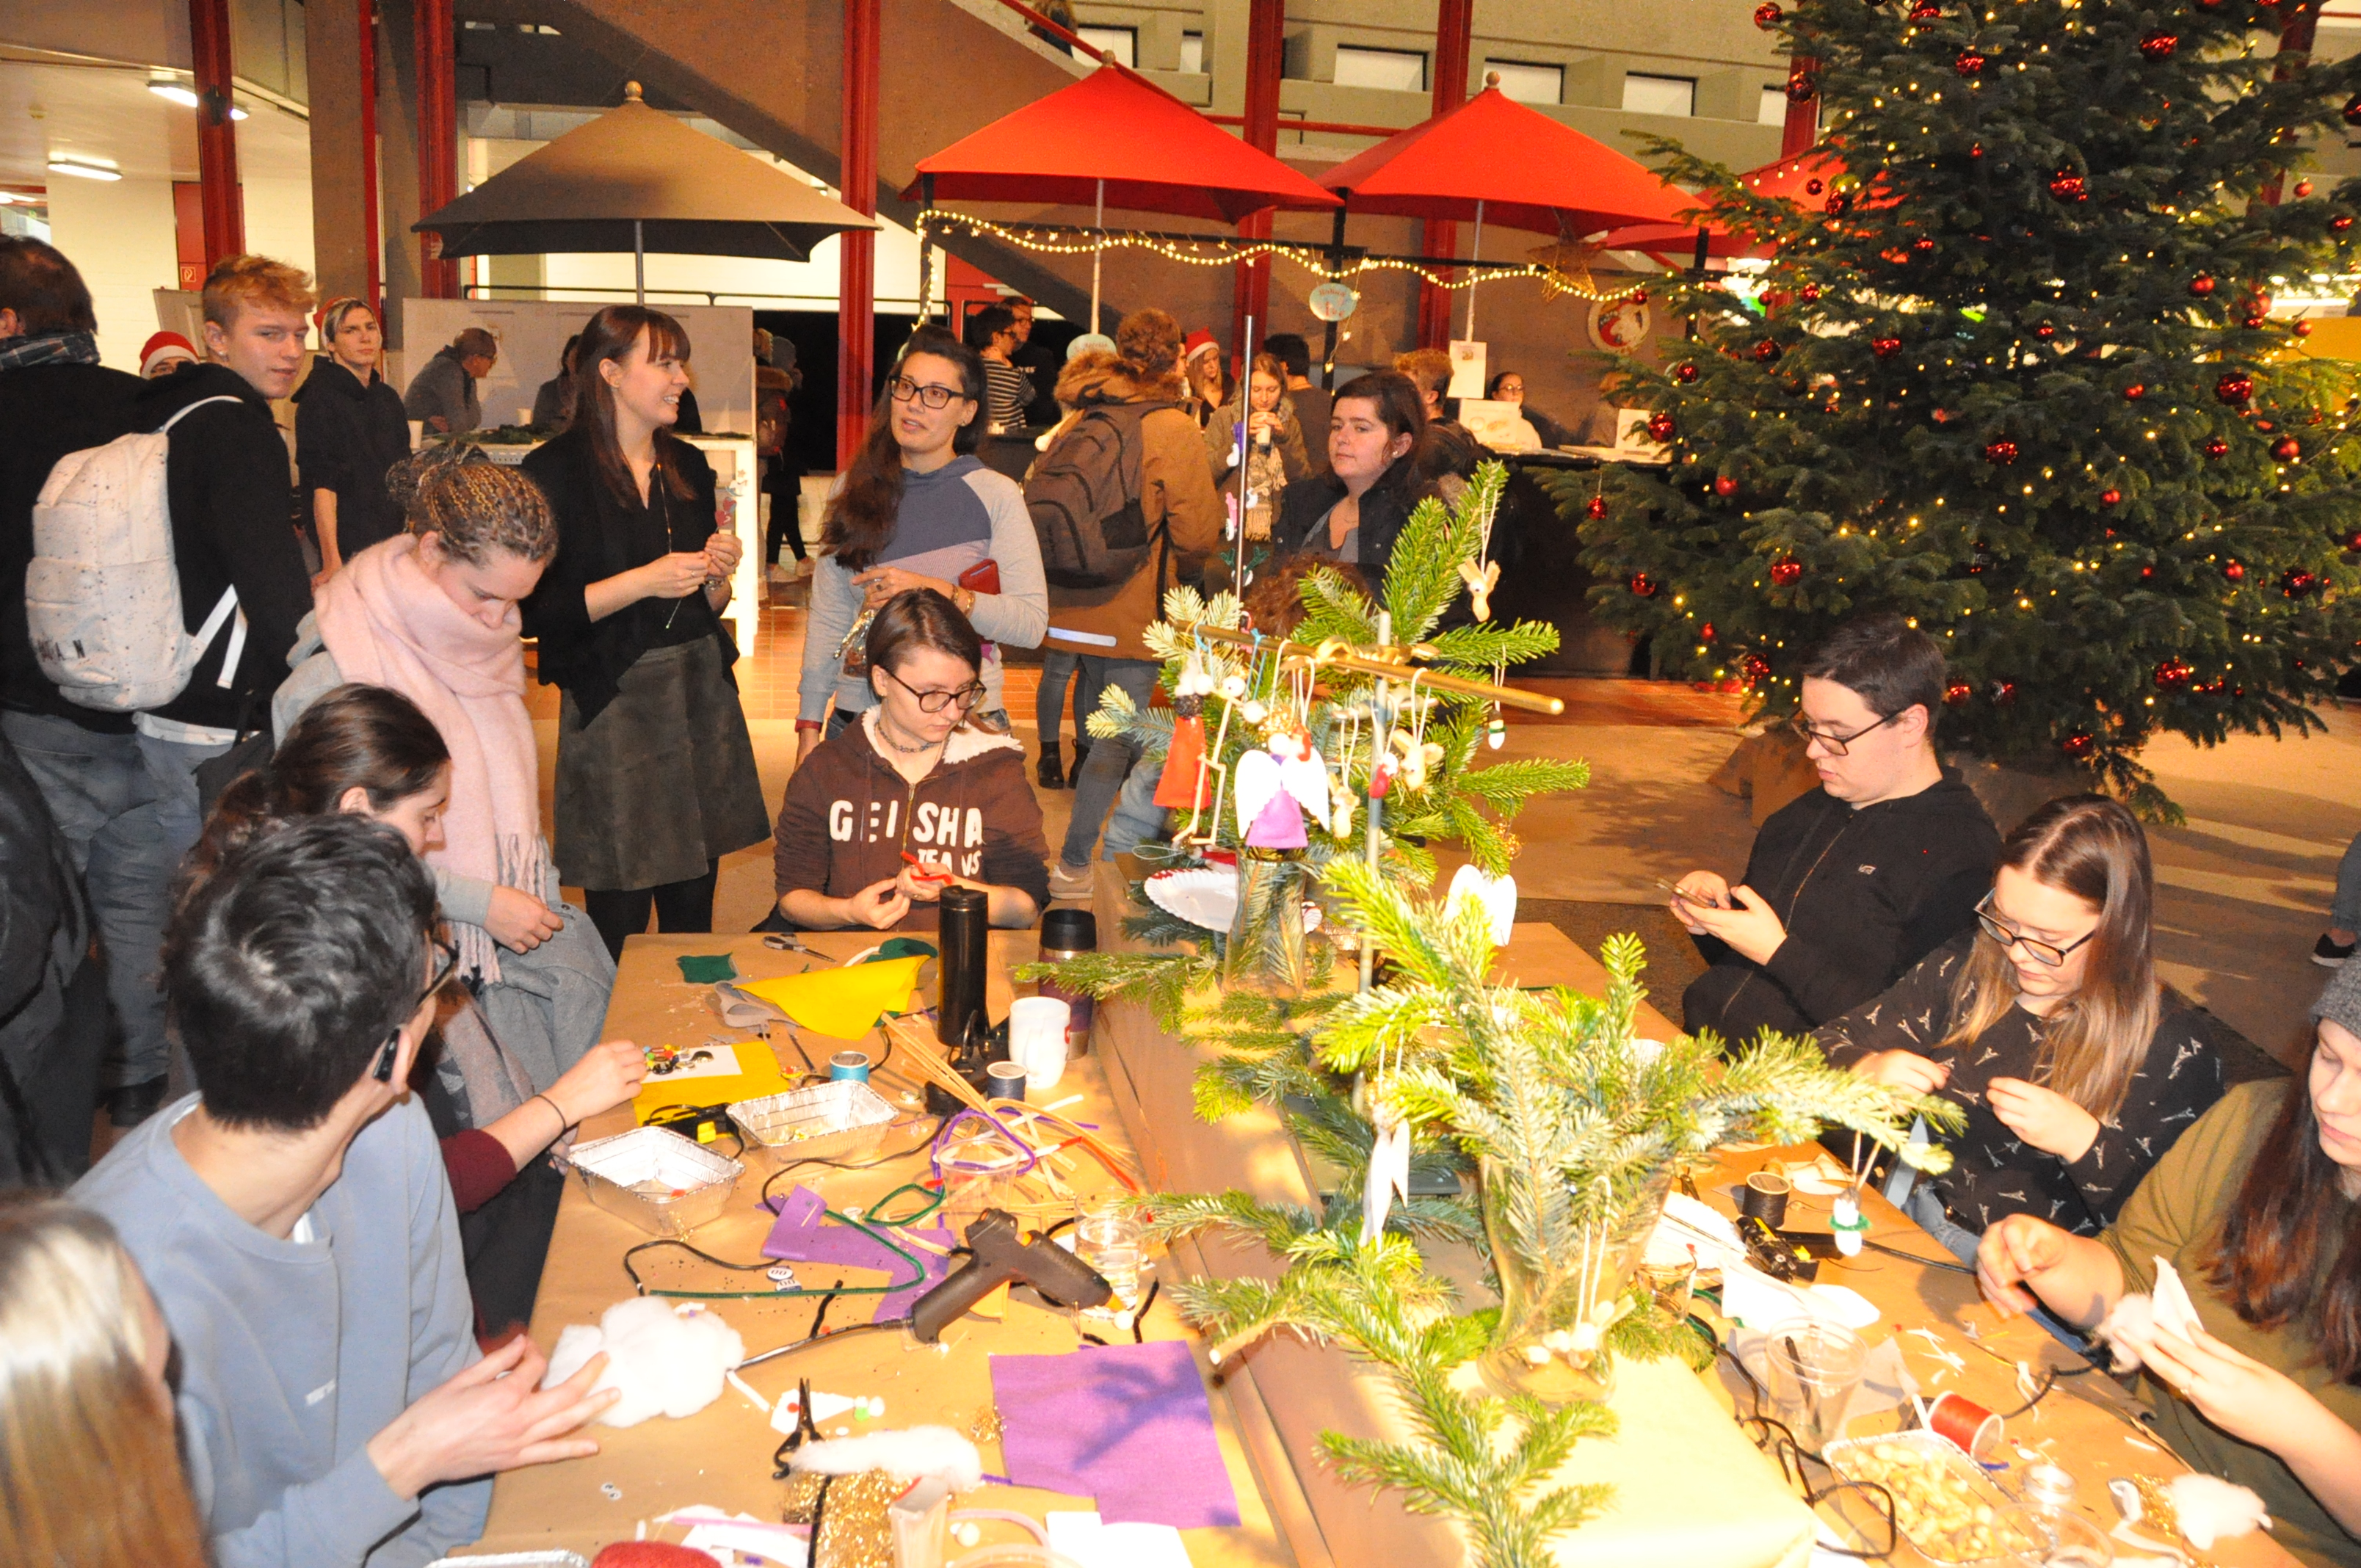 RWB Essen - Weihnachtsmarkt 2018 - Es wurde eifrig gebastelt.